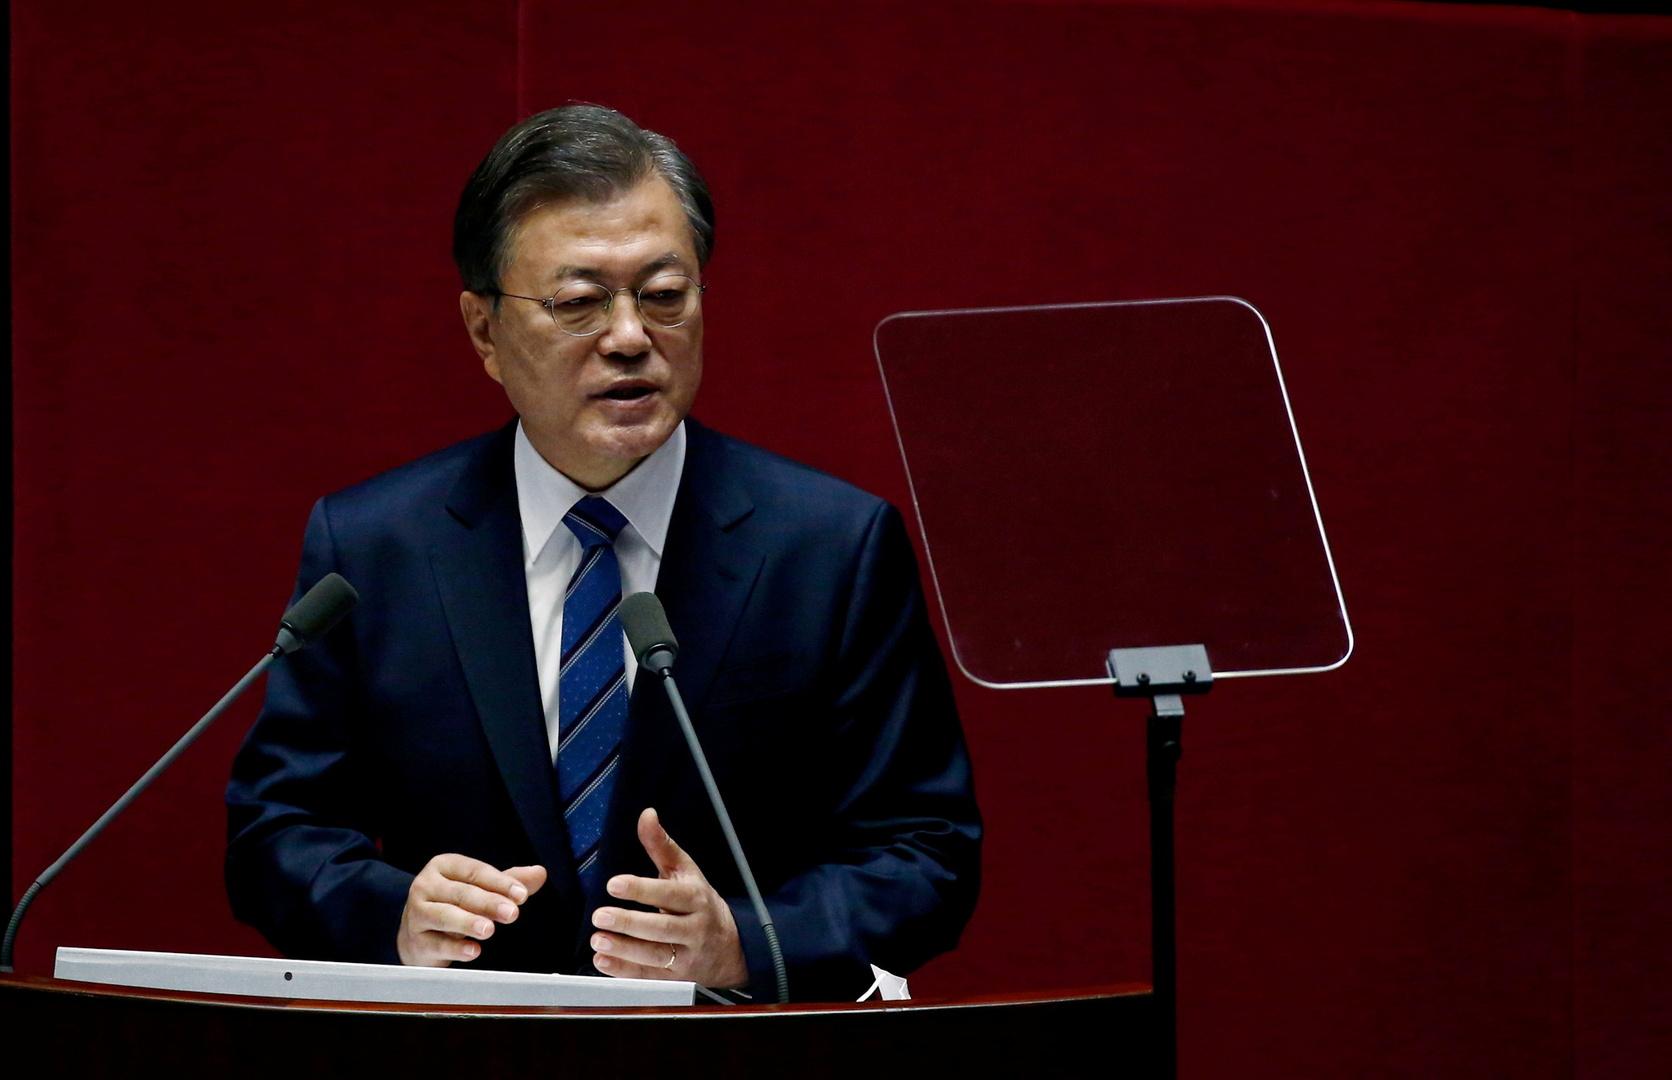 رئيس كوريا الجنوبية:الوقت يقترب لاستئناف الحوار مع كوريا الشمالية